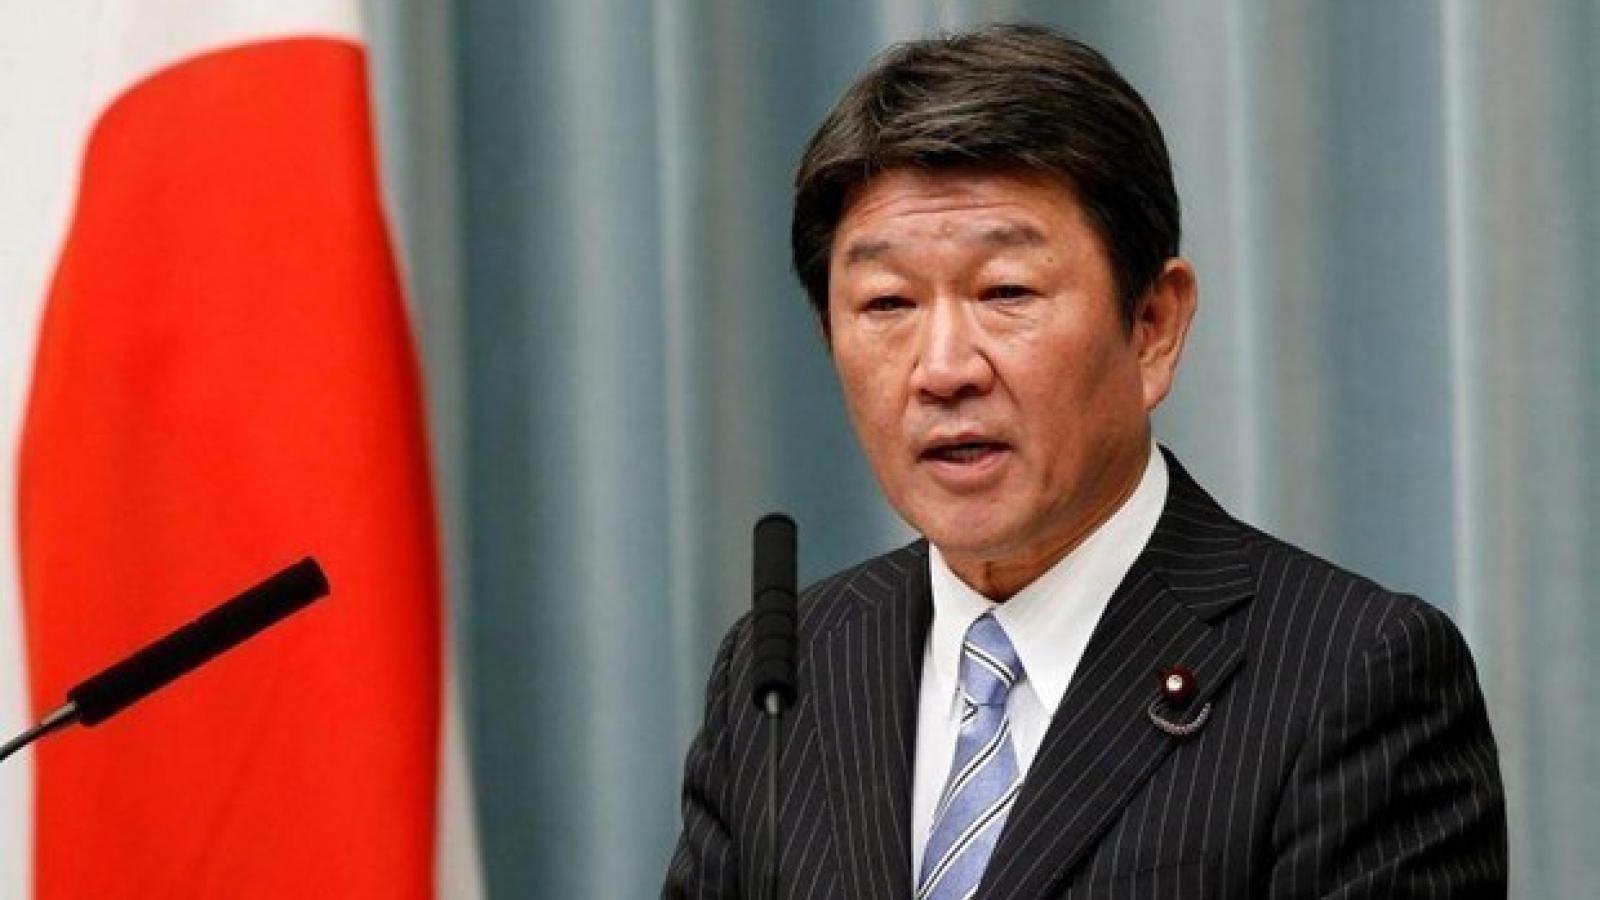 Ngoại trưởng Nhật Bản nêu quan ngại về luật hải cảnh của Trung Quốc